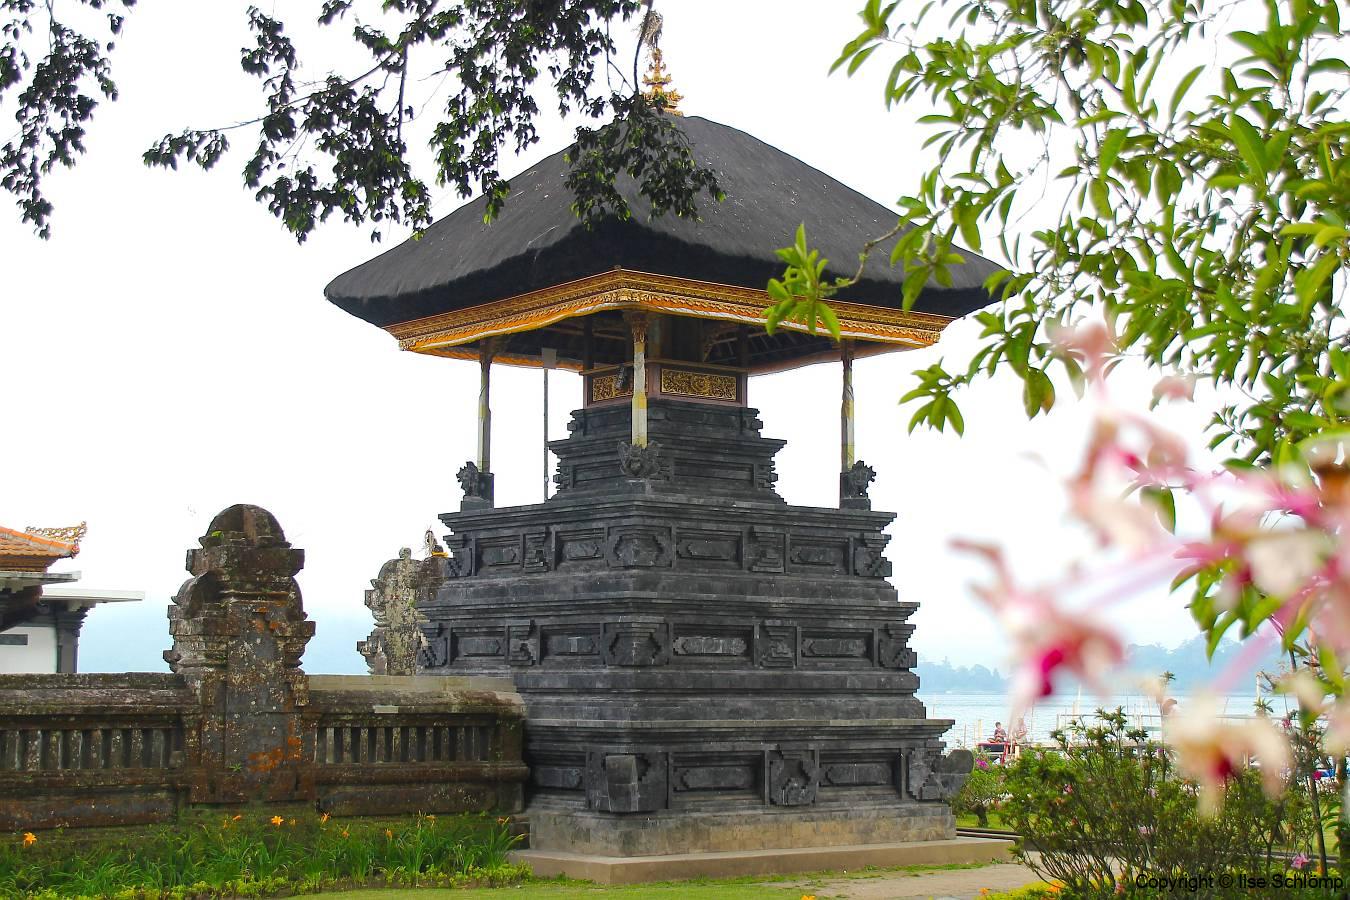 Bali, Ulun Danu Tempel